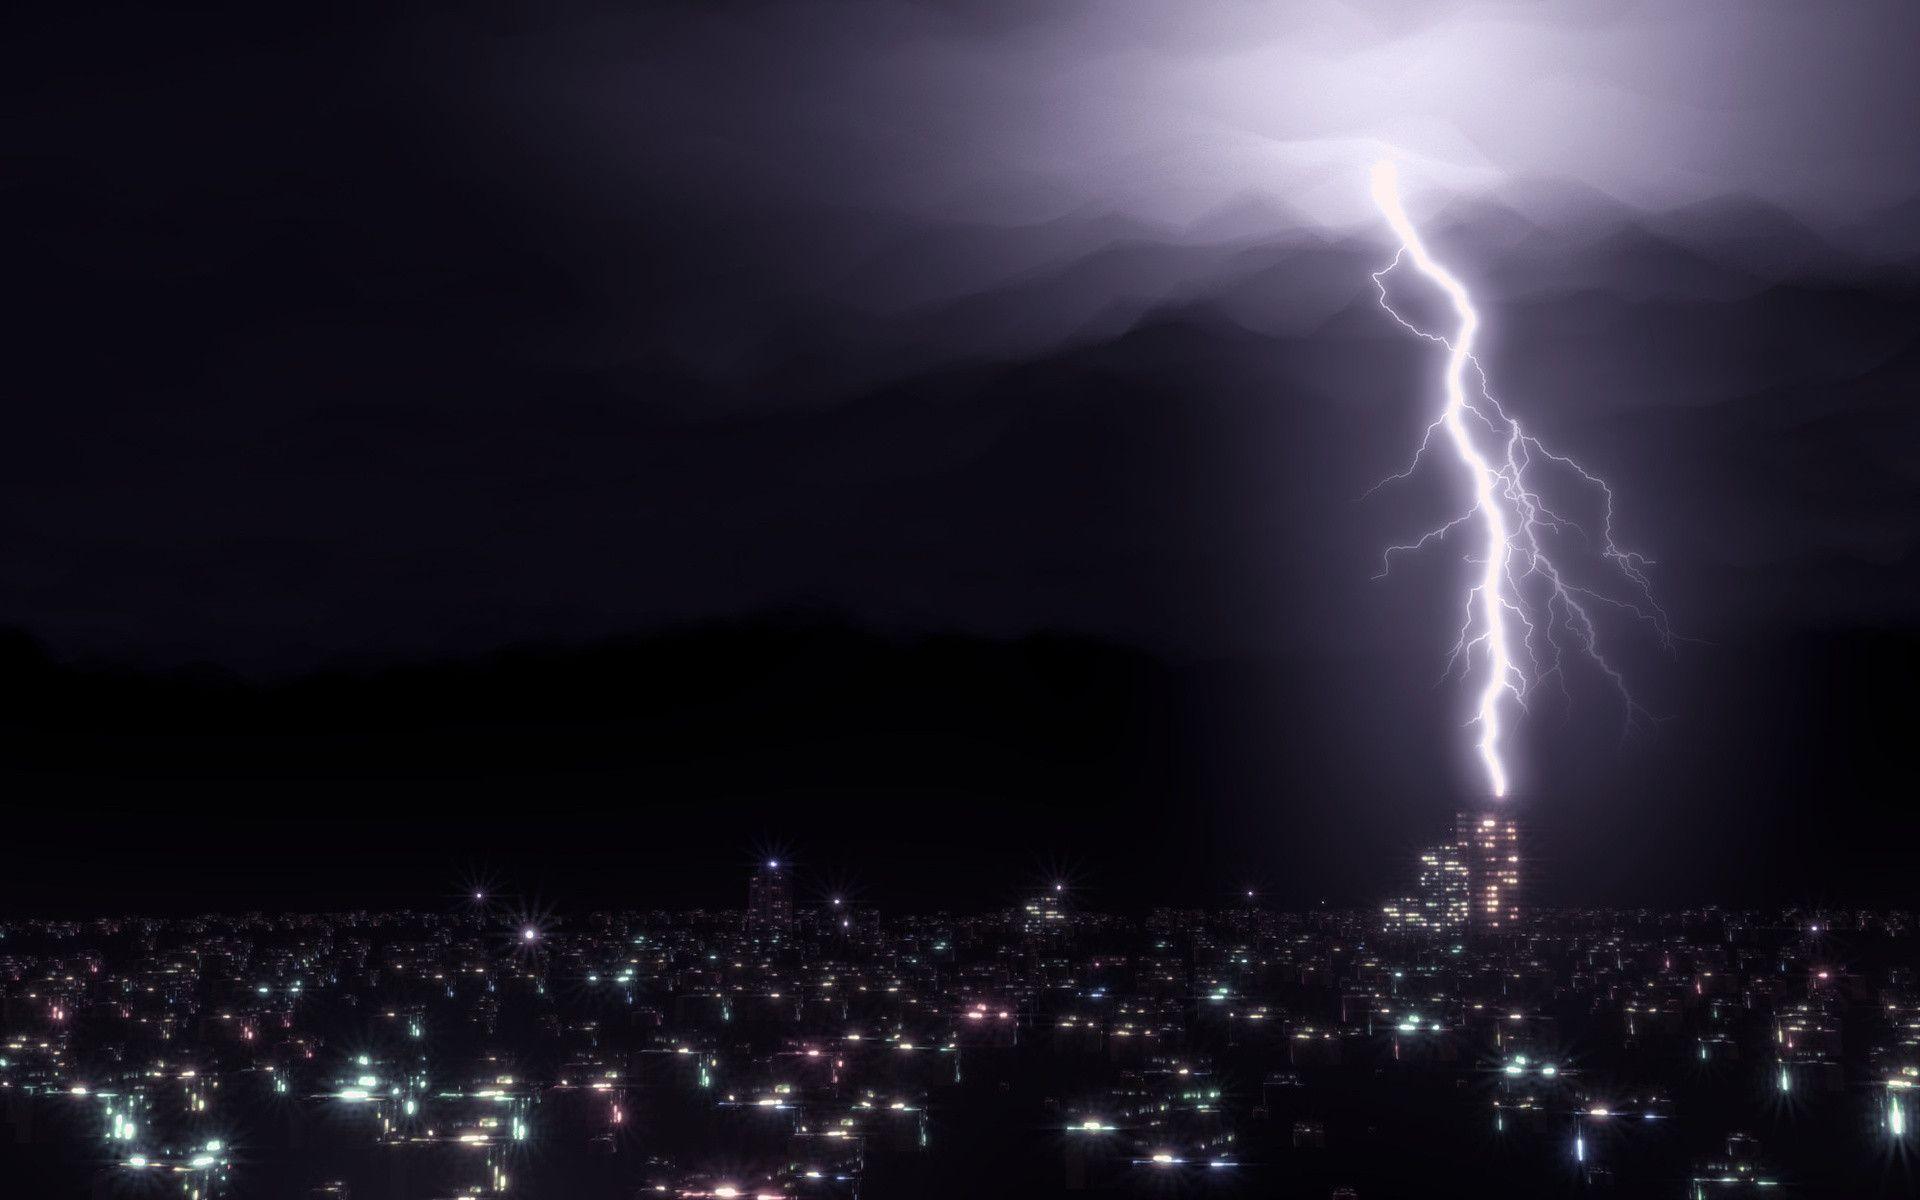 lightning strike wallpaper - photo #37